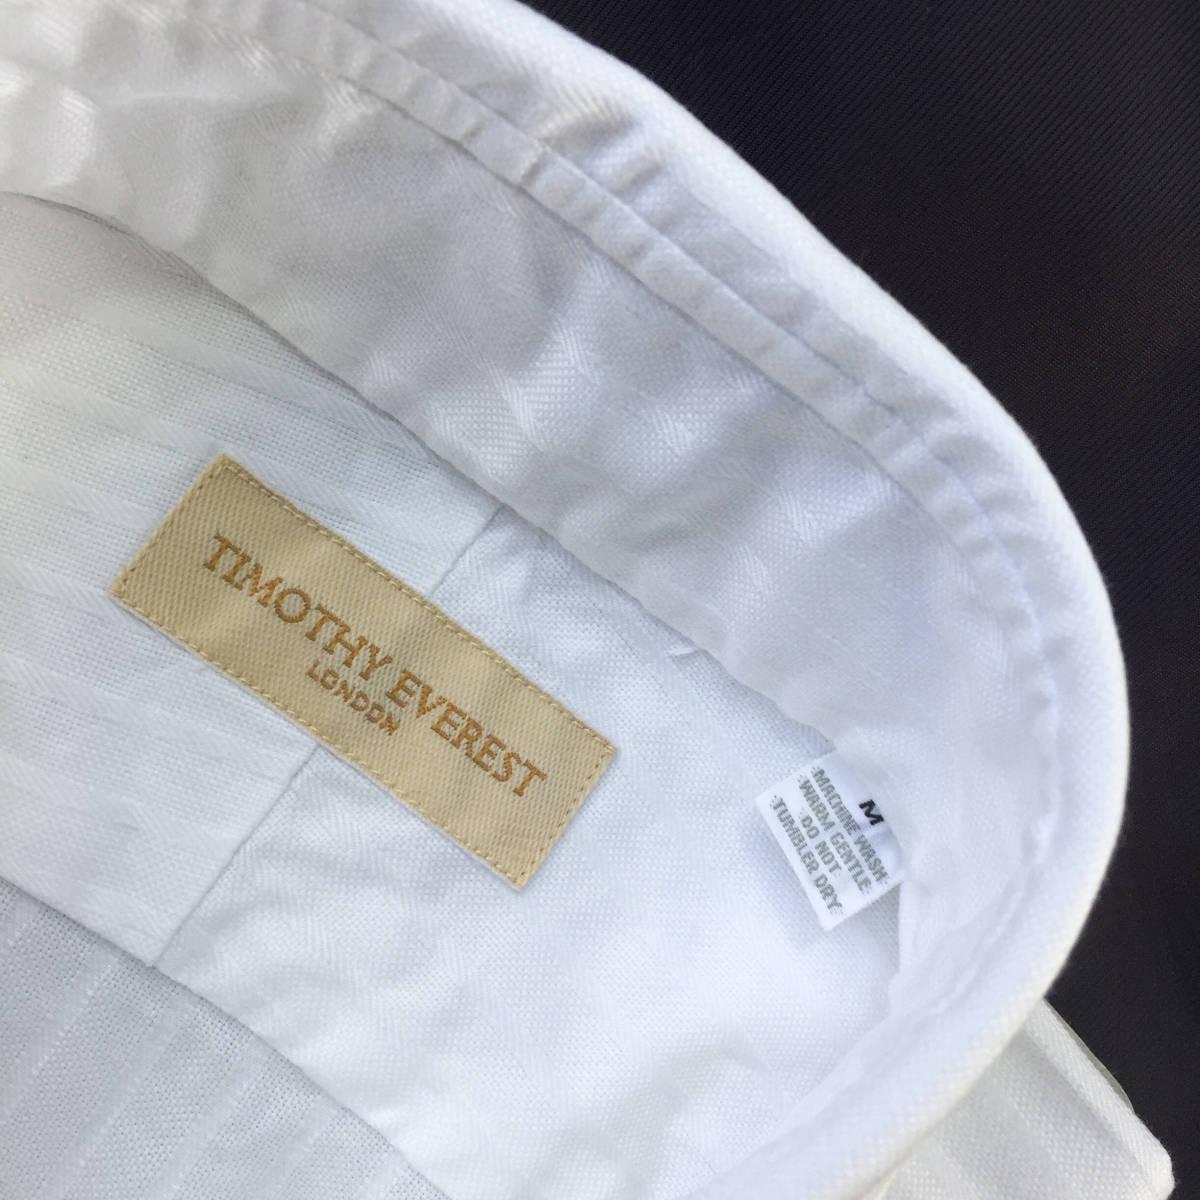 定価¥1.8万【英国名門★ティモシーエベレスト】新品 白 織り柄 ドレスシャツ 胸ポケット付き slimfit M 38_画像3